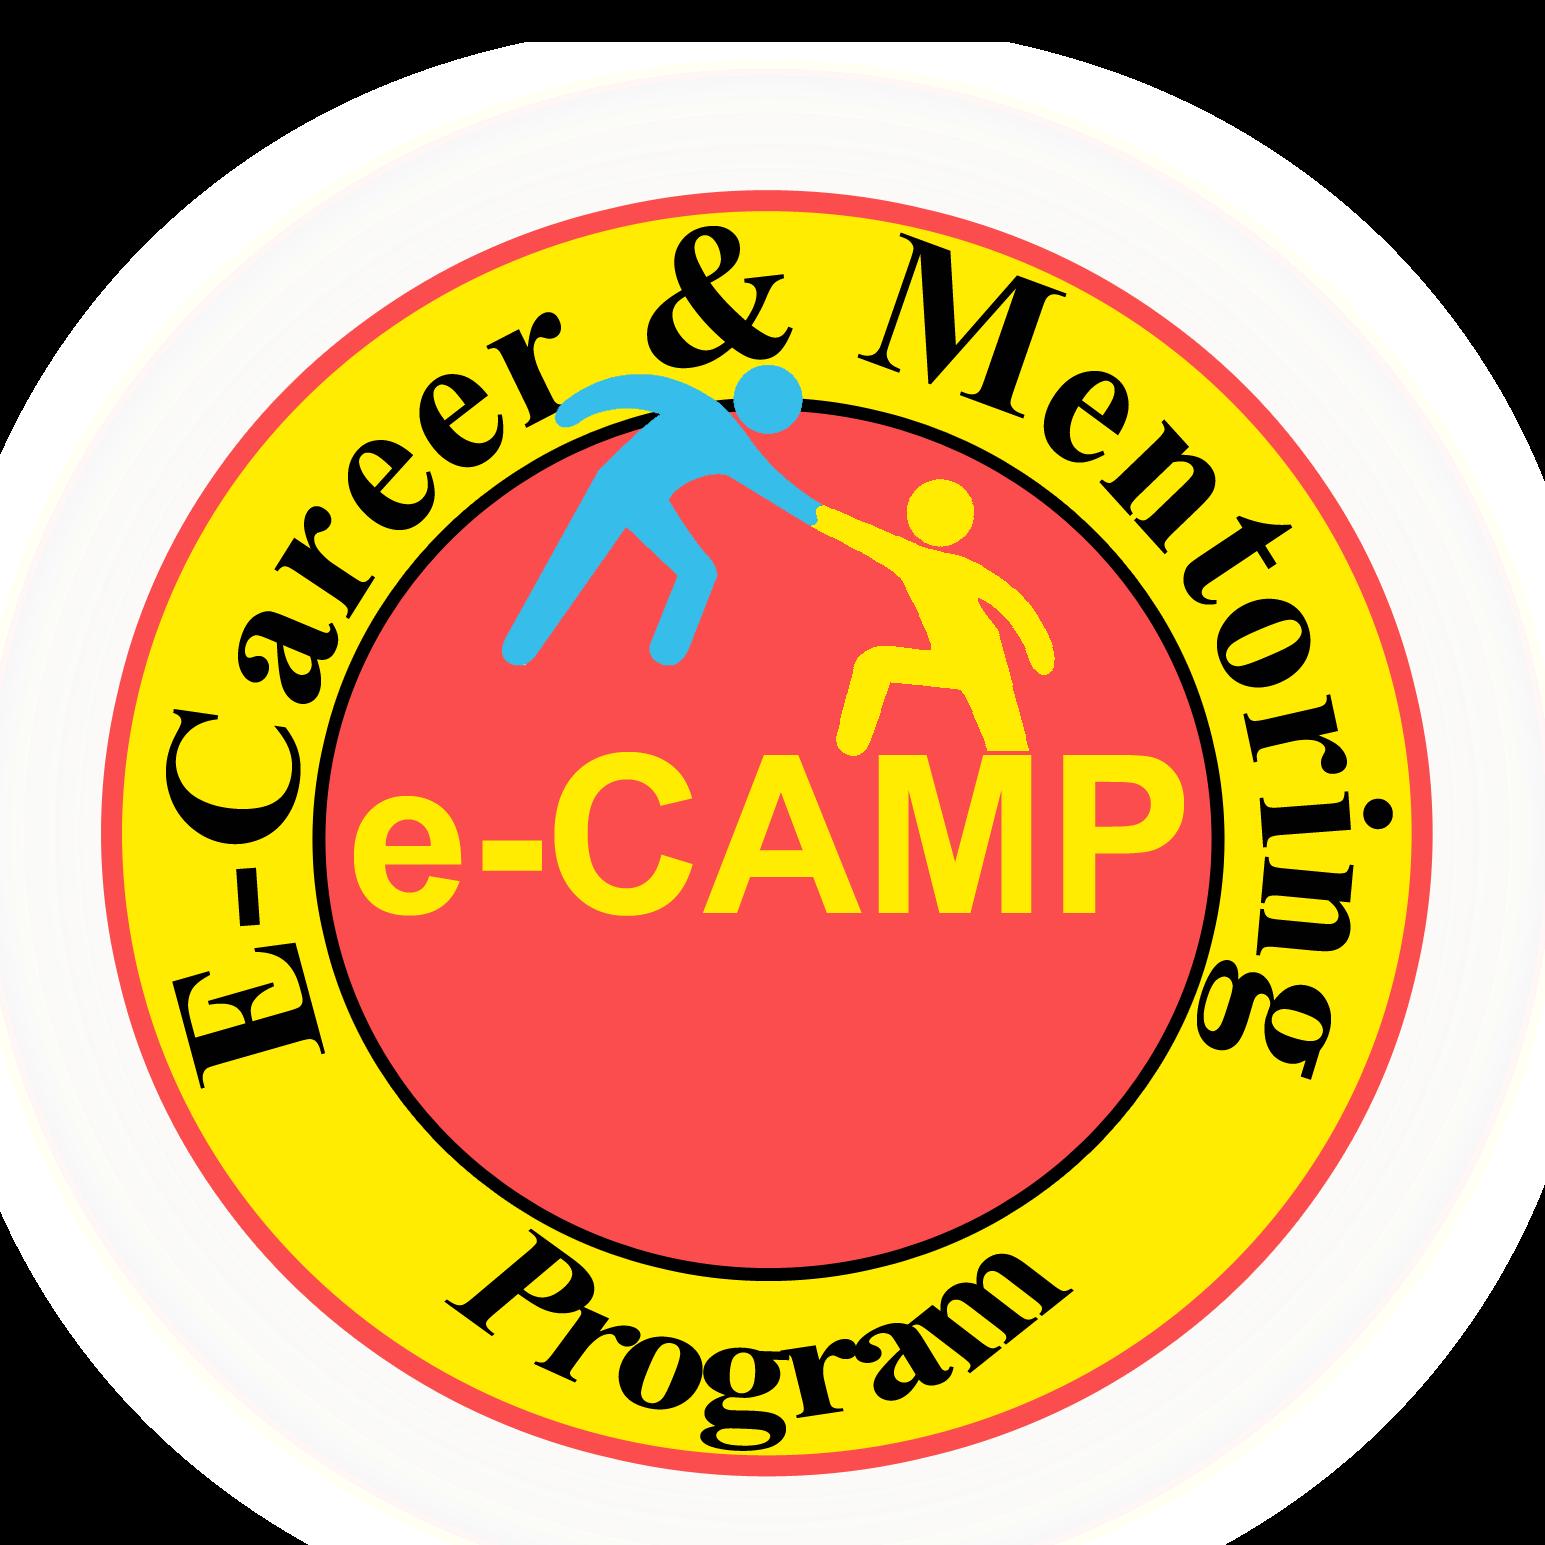 eCAMP.online